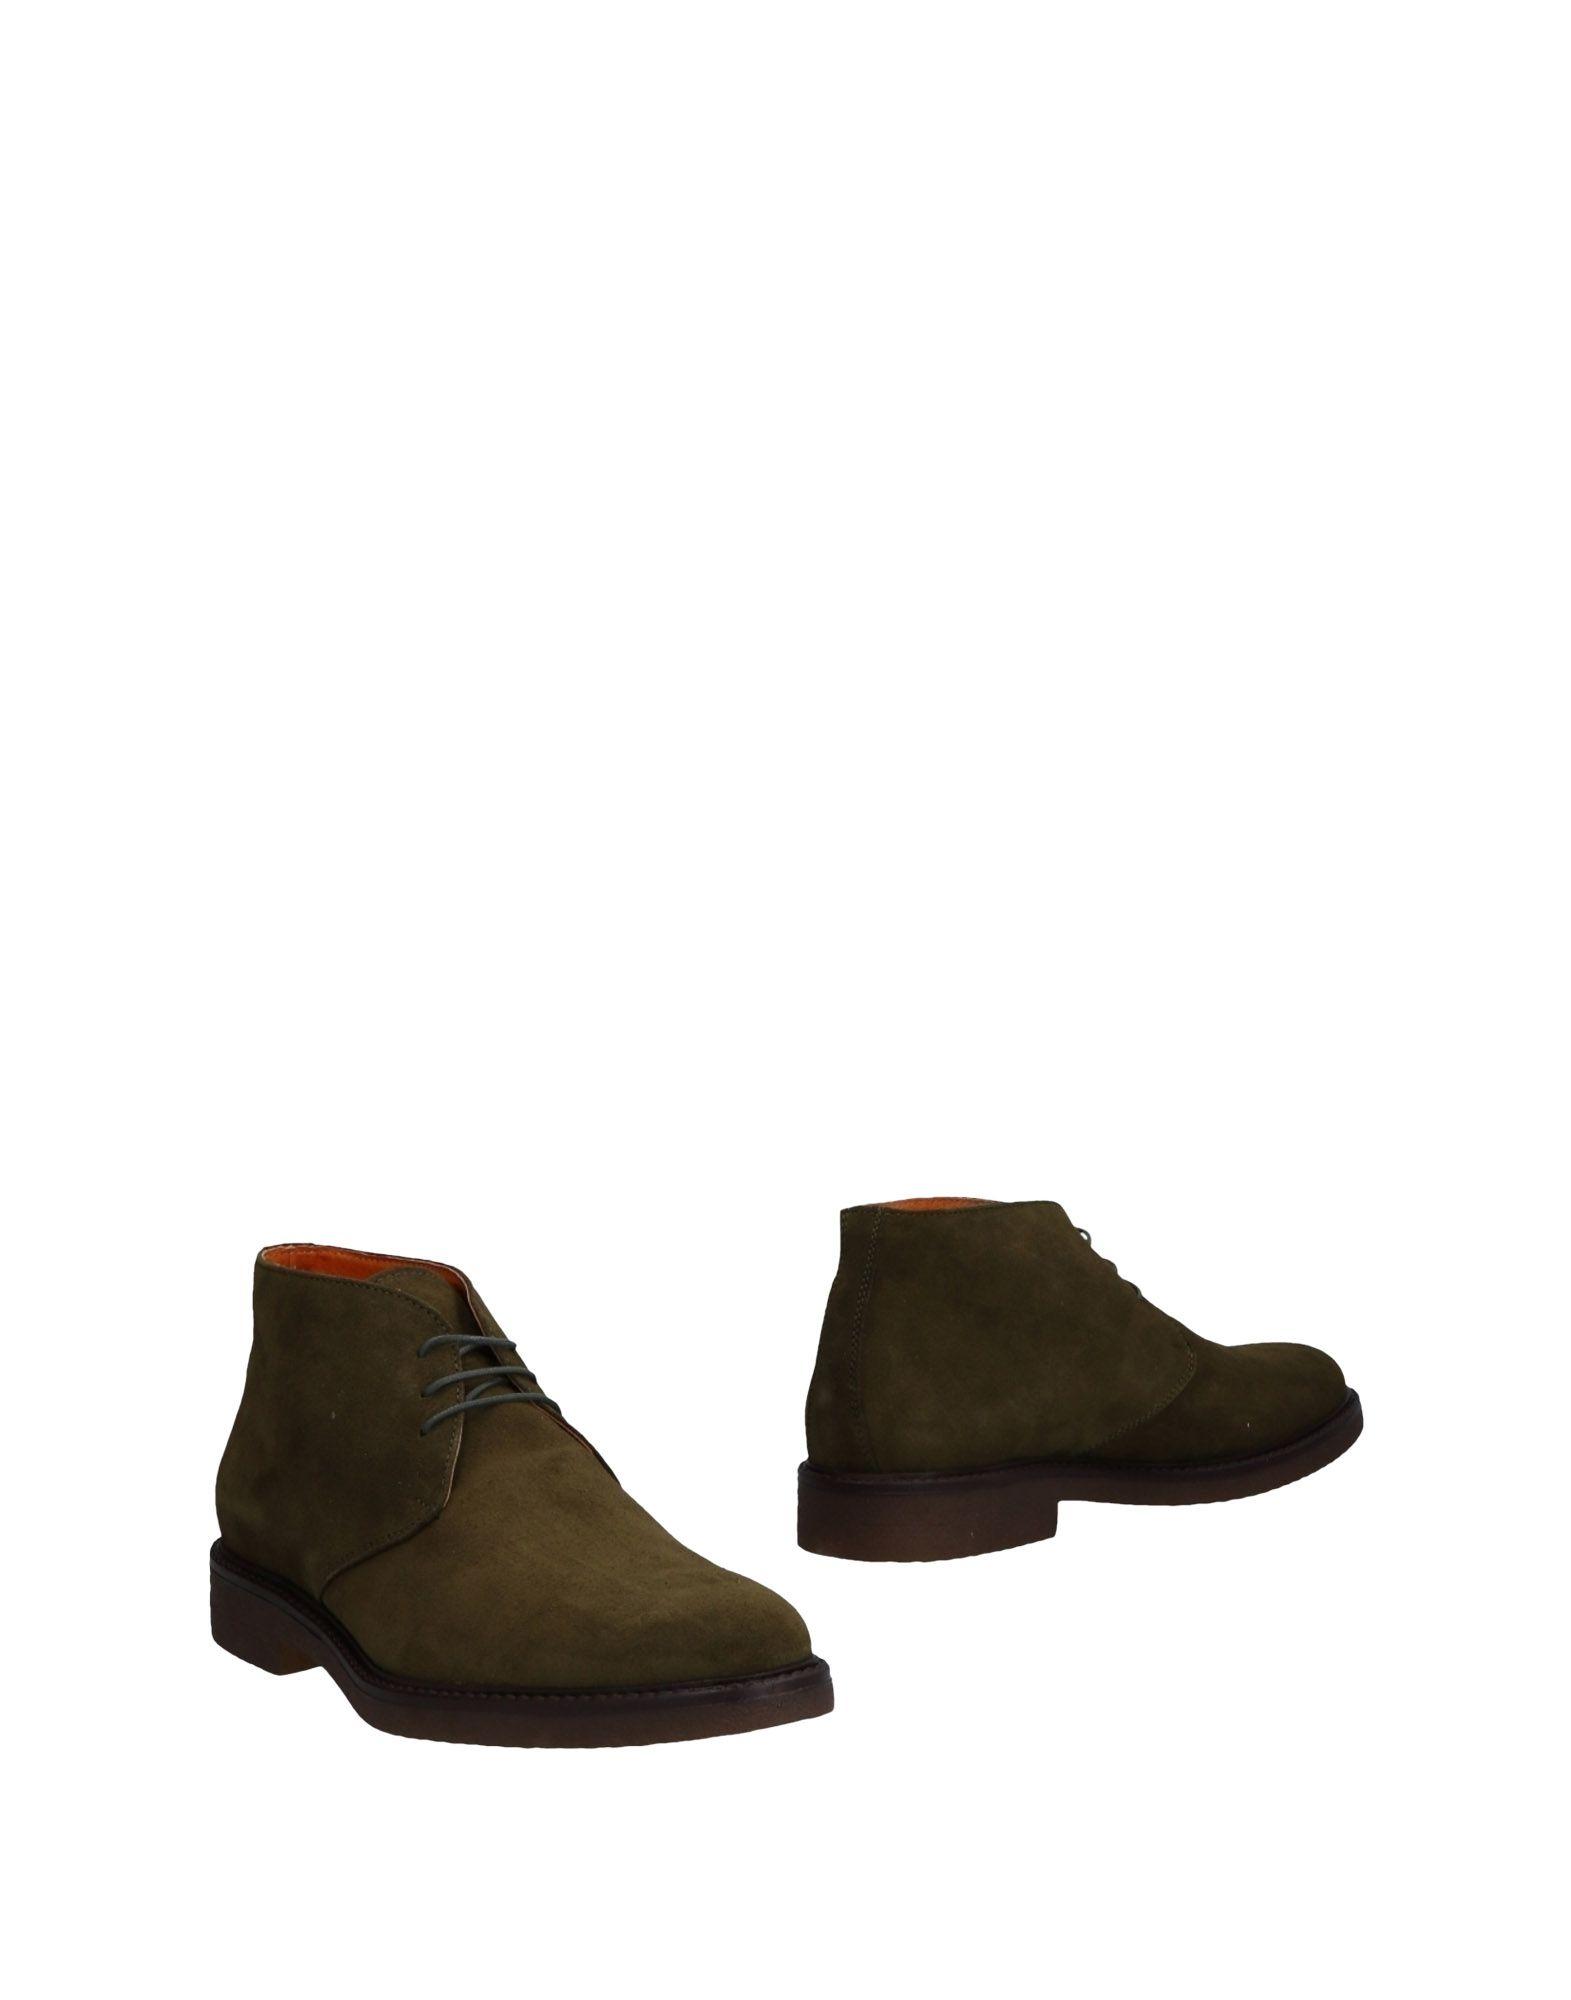 Rabatt echte Stiefelette Schuhe At.P.Co Stiefelette echte Herren  11474926DH f0eb86